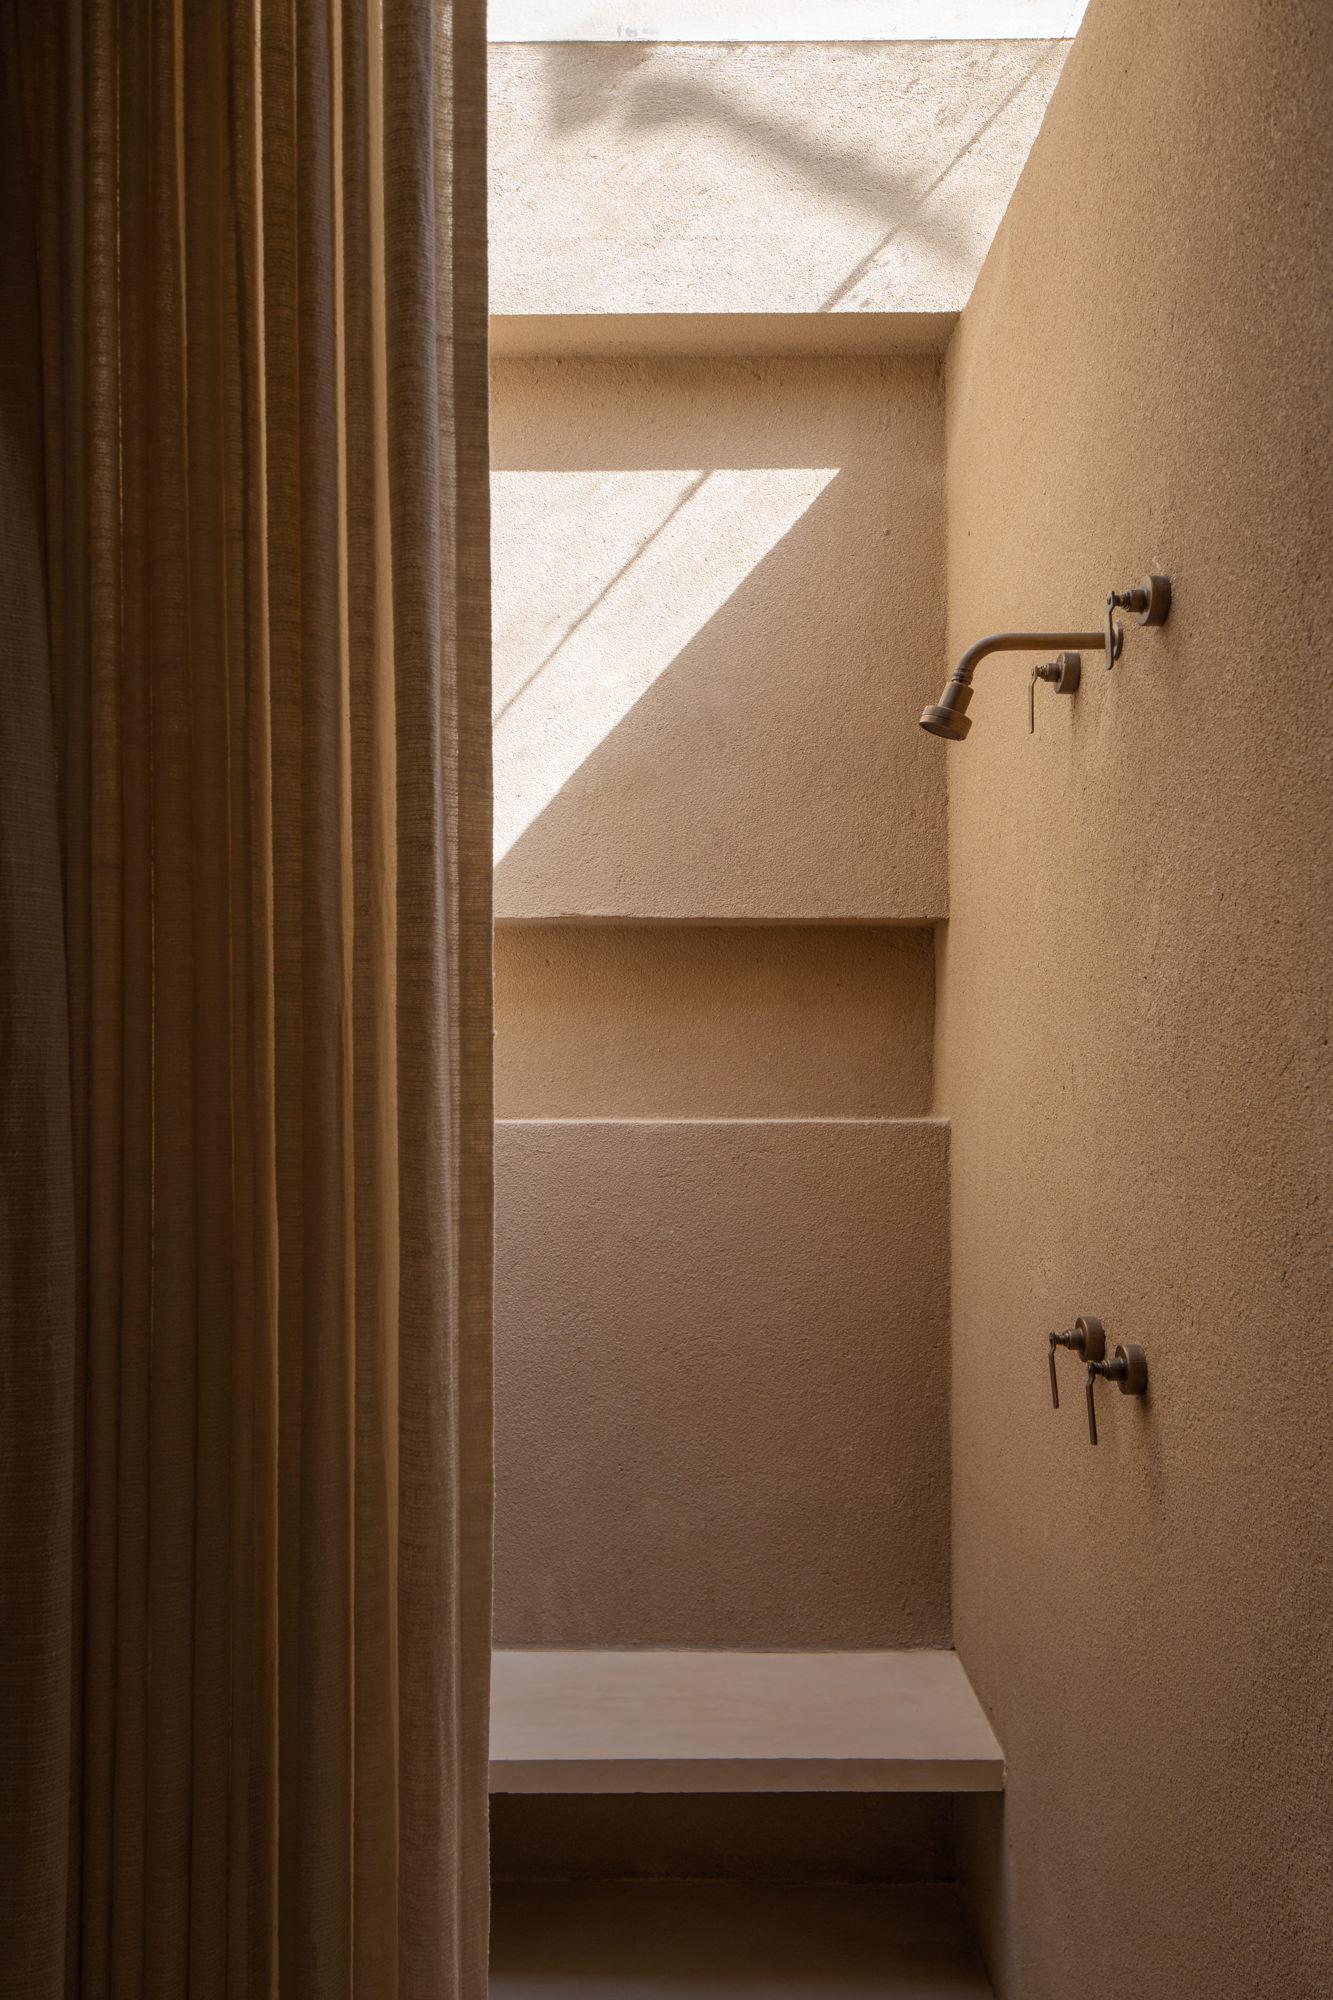 ilaria fatone - une salle de bains en terracotta